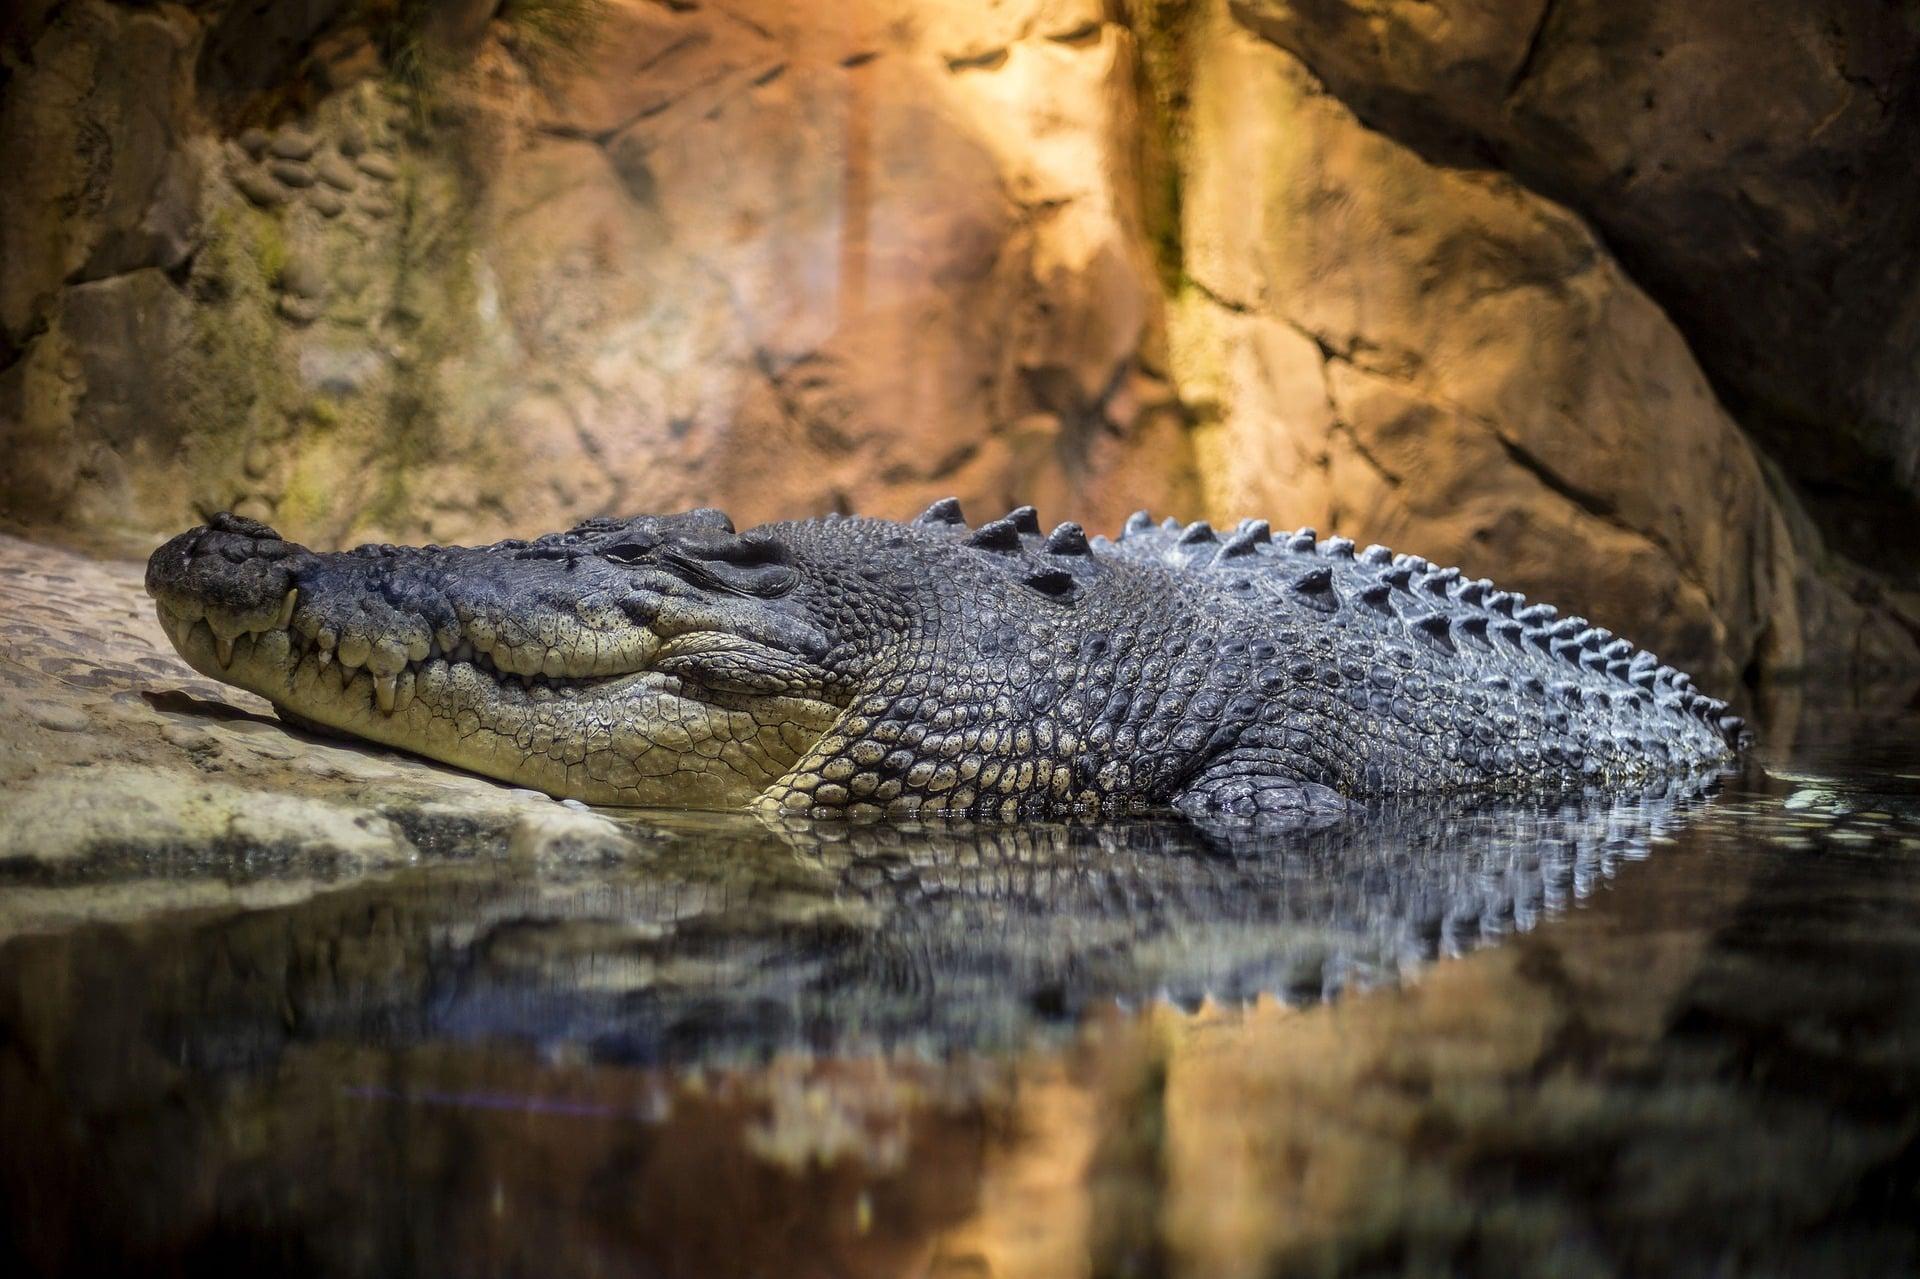 Crocodiles et alligators du Mexique, danger et risque